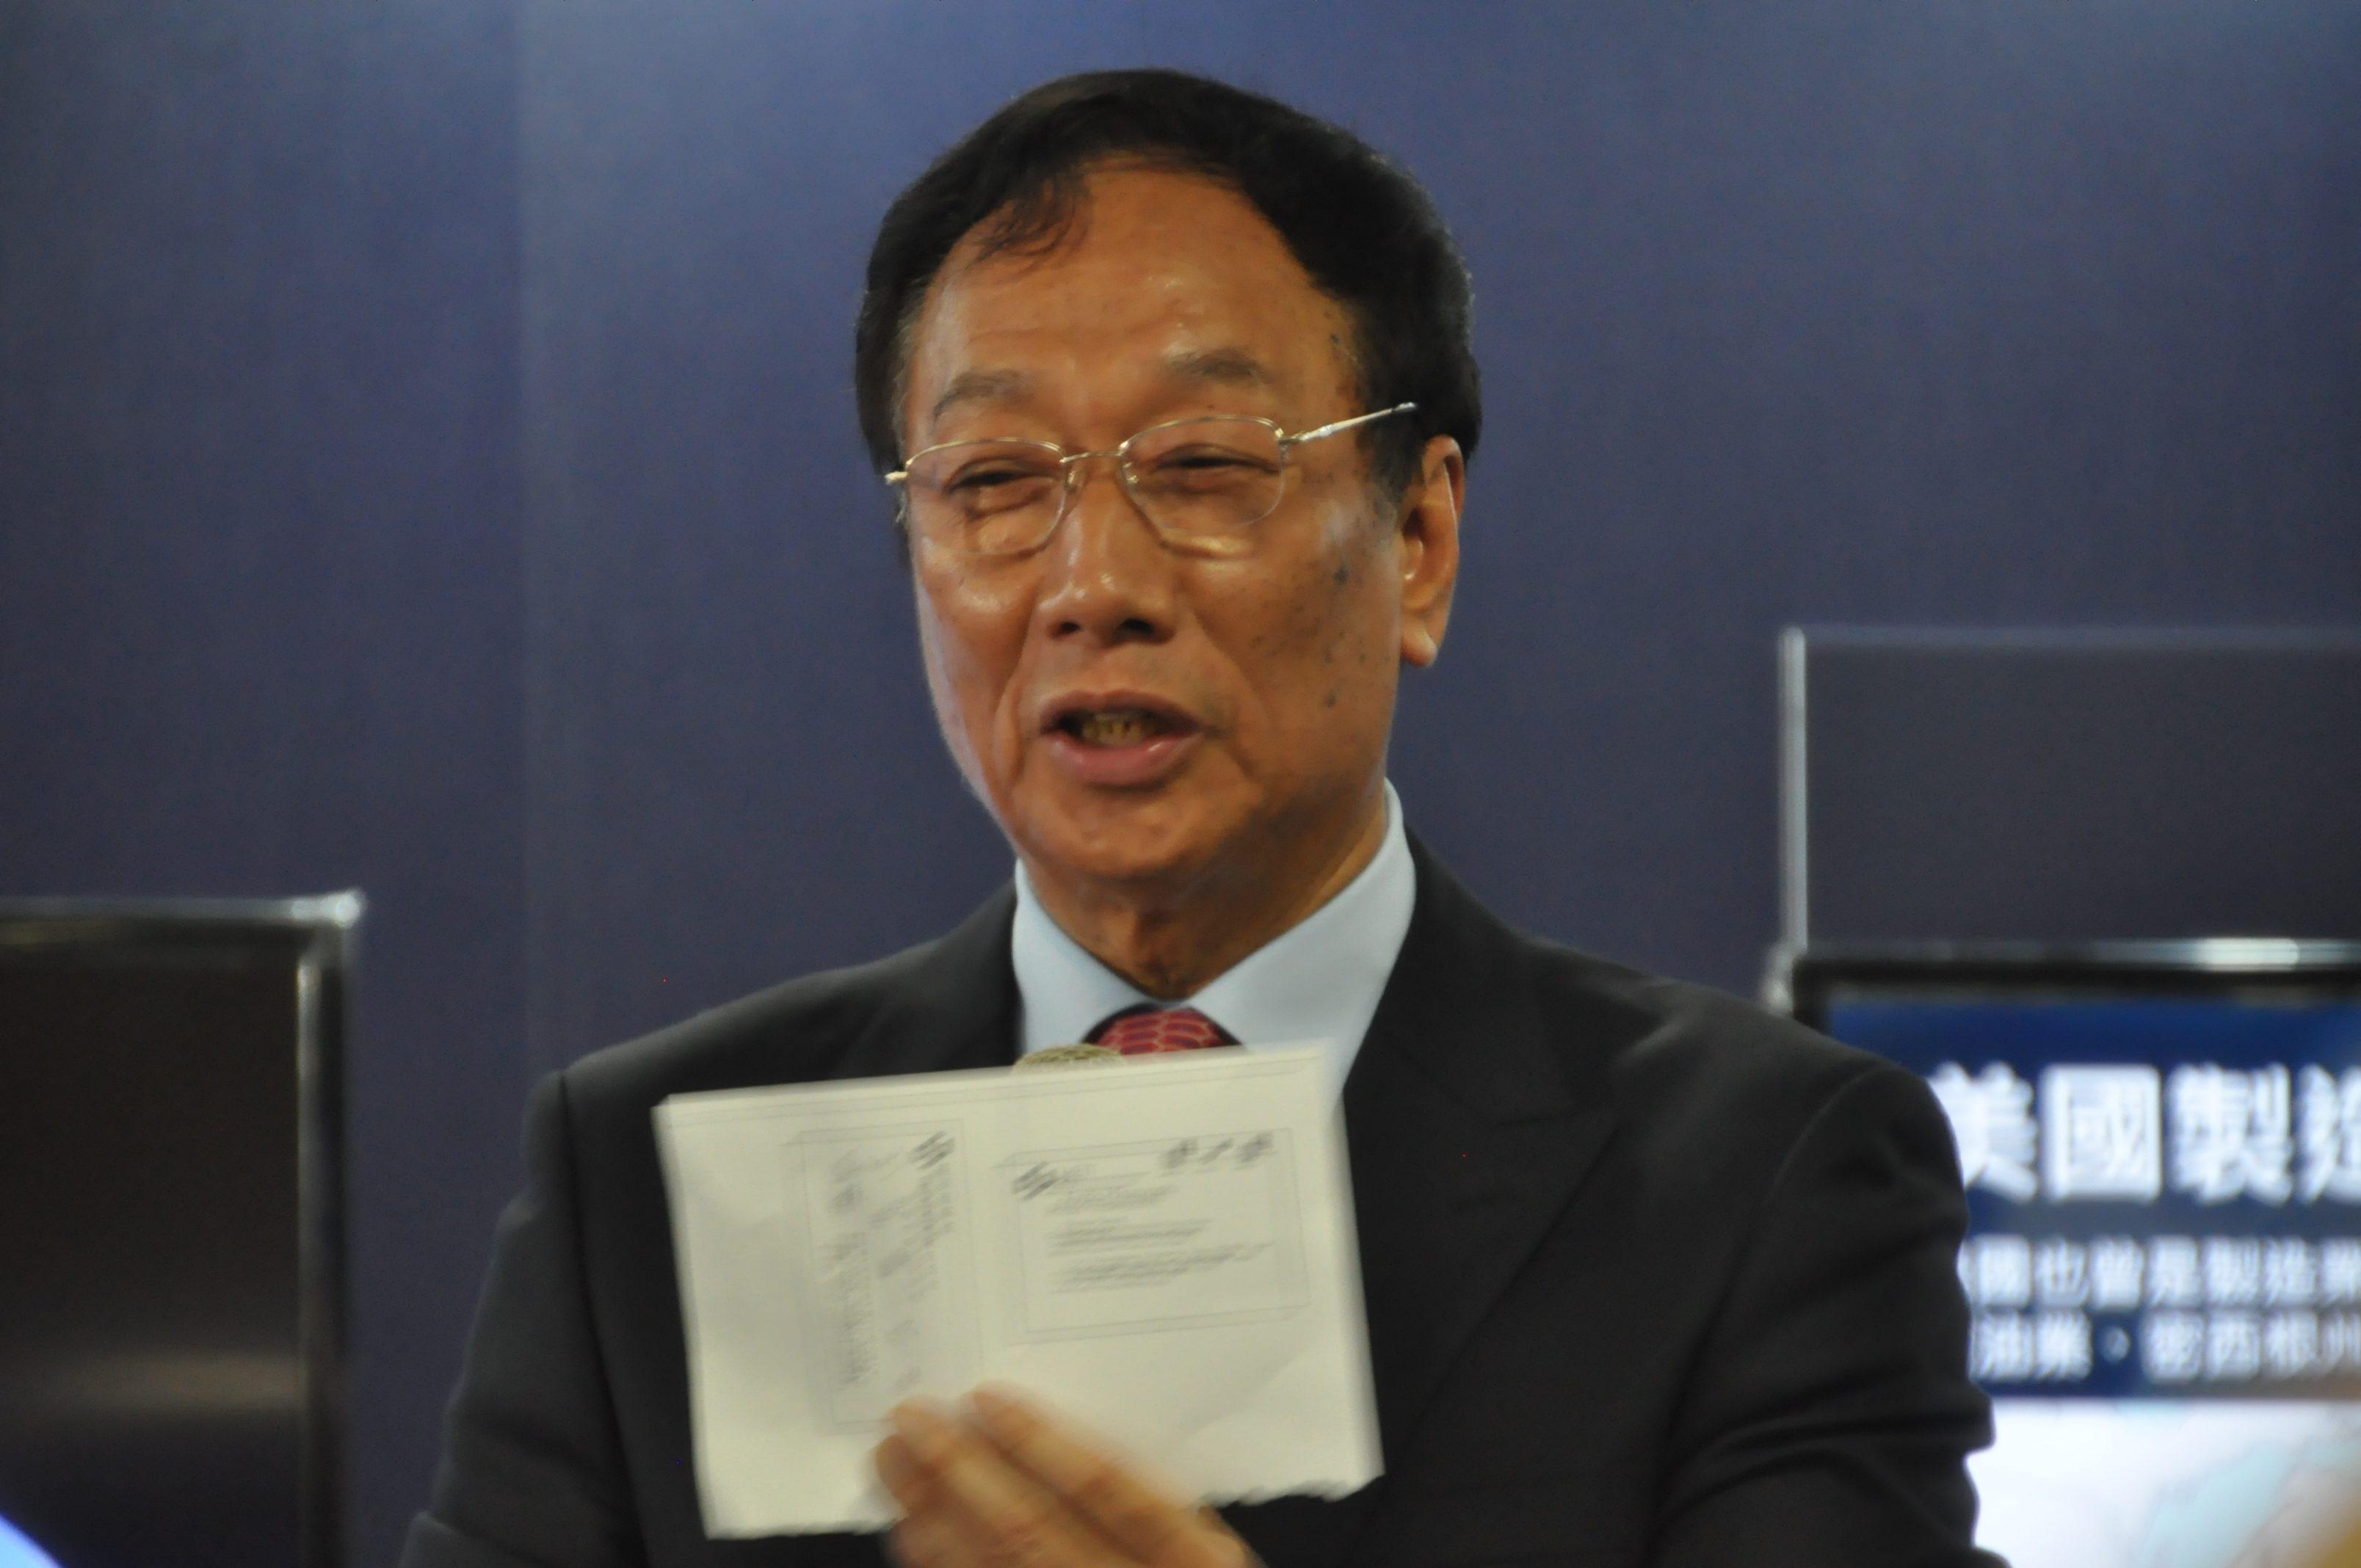 郭台銘公布日本經產省安藤局長的姓名資料!